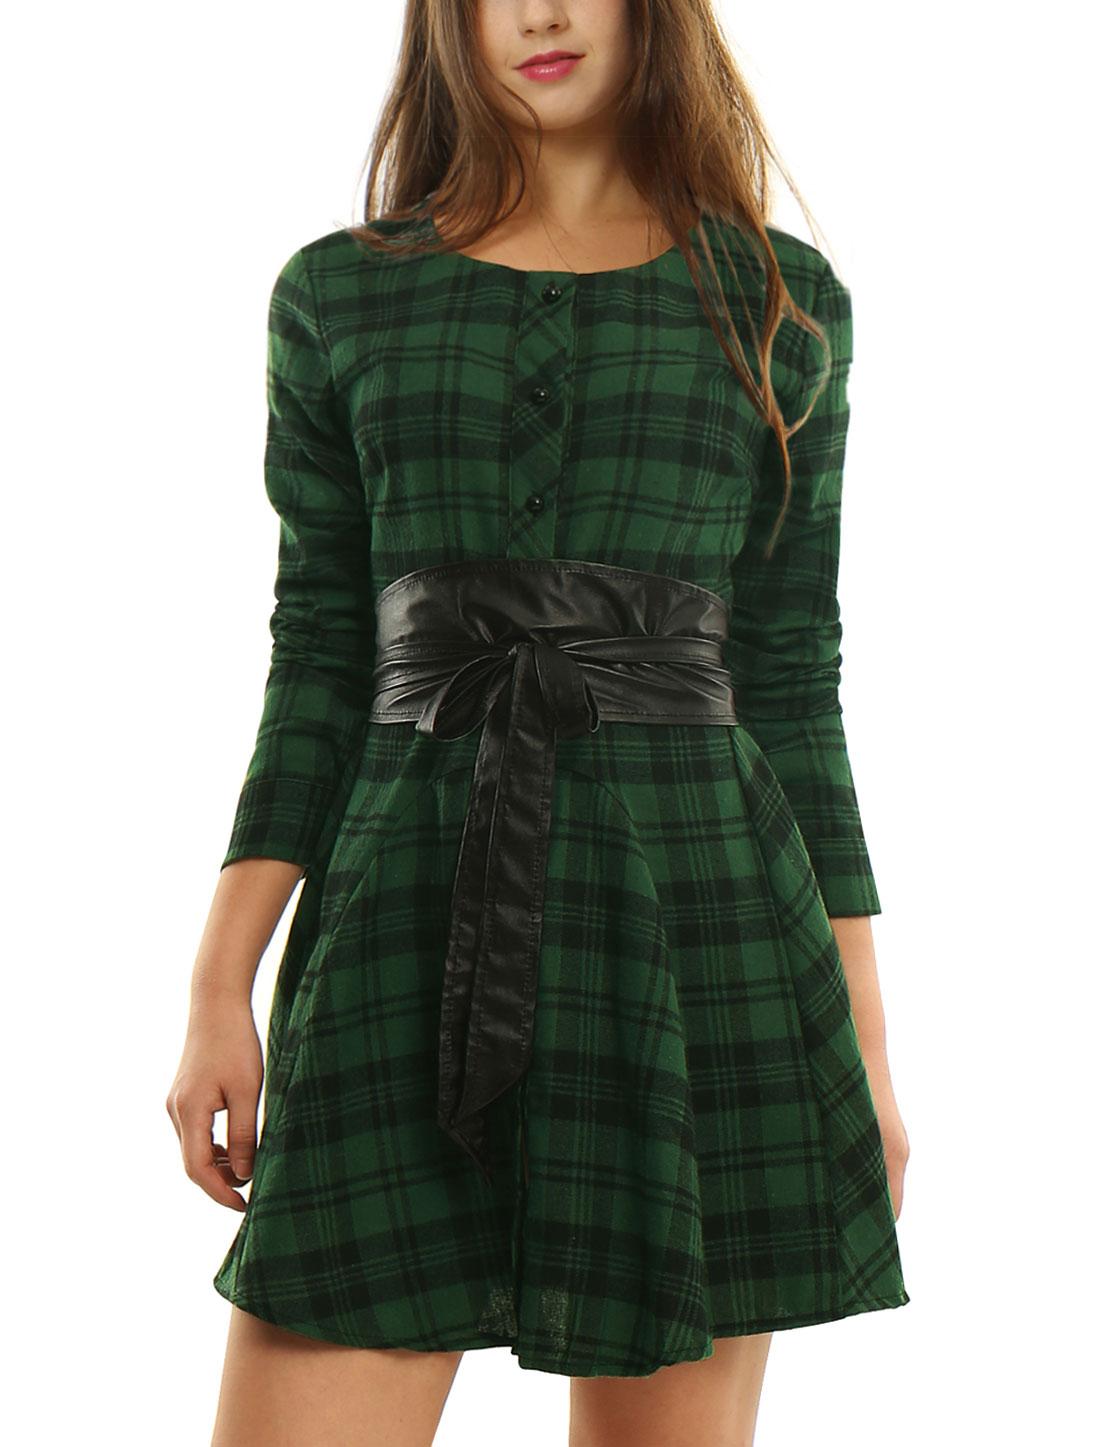 Women Plaids Long Sleeves Belted A Line Shirt Dress Green Black XL